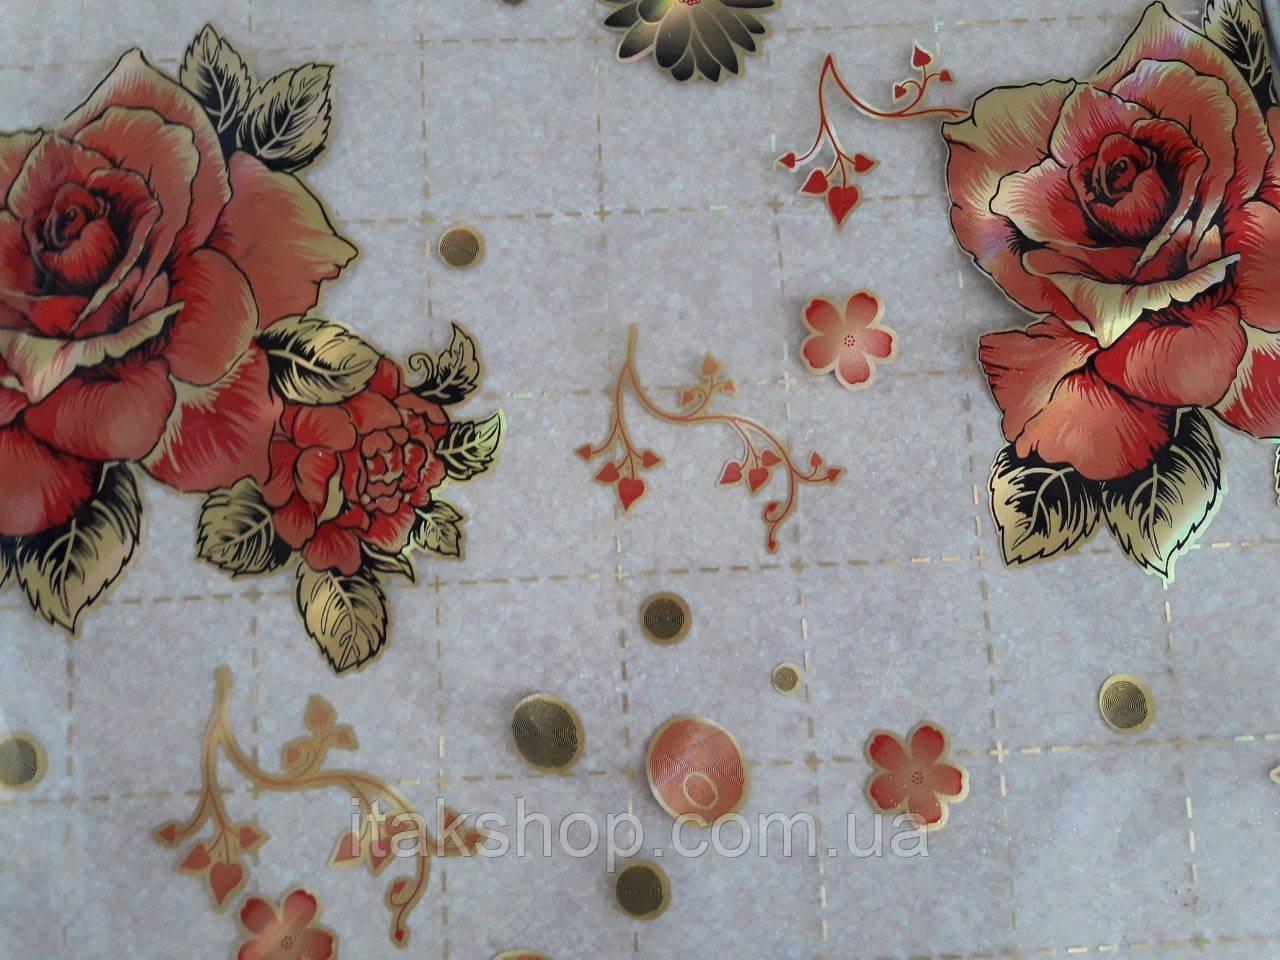 М'яке скло Скатертину з лазерним малюнком для меблів Soft Glass 2.3х0.8м товщина 1.5 мм Червона троянда